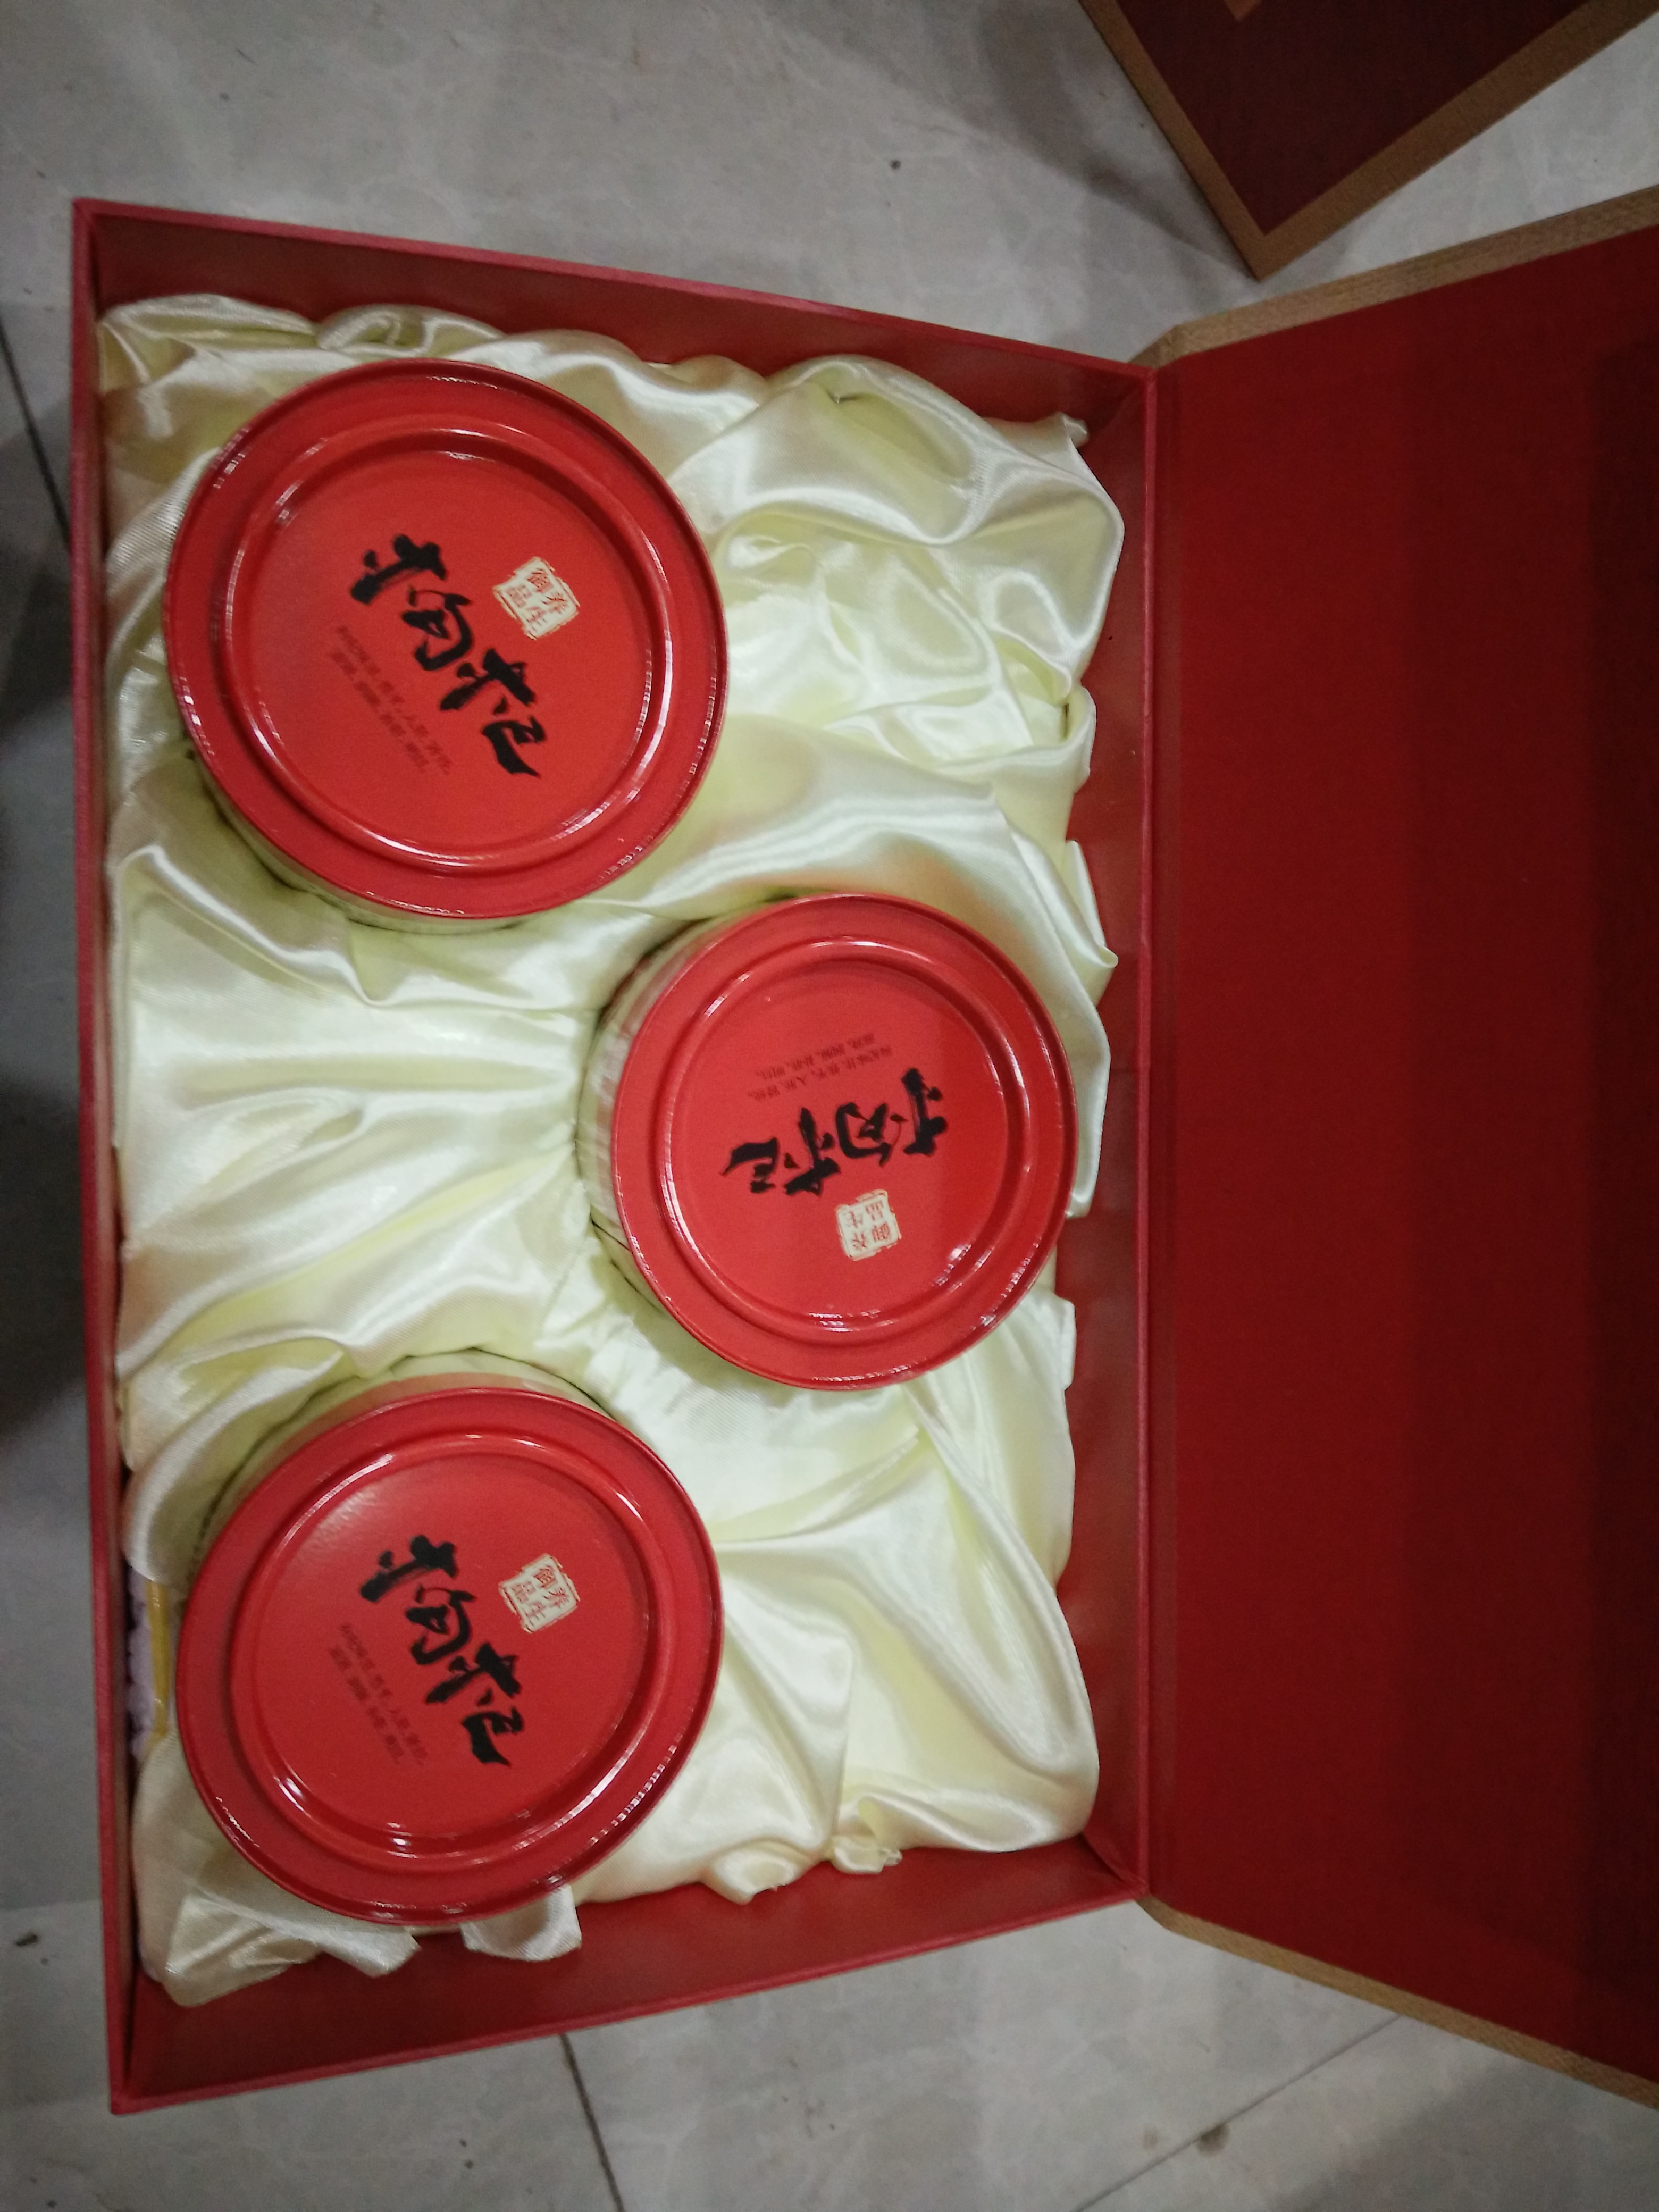 精品茶,销售精品茶,供应精品茶,精品茶价格